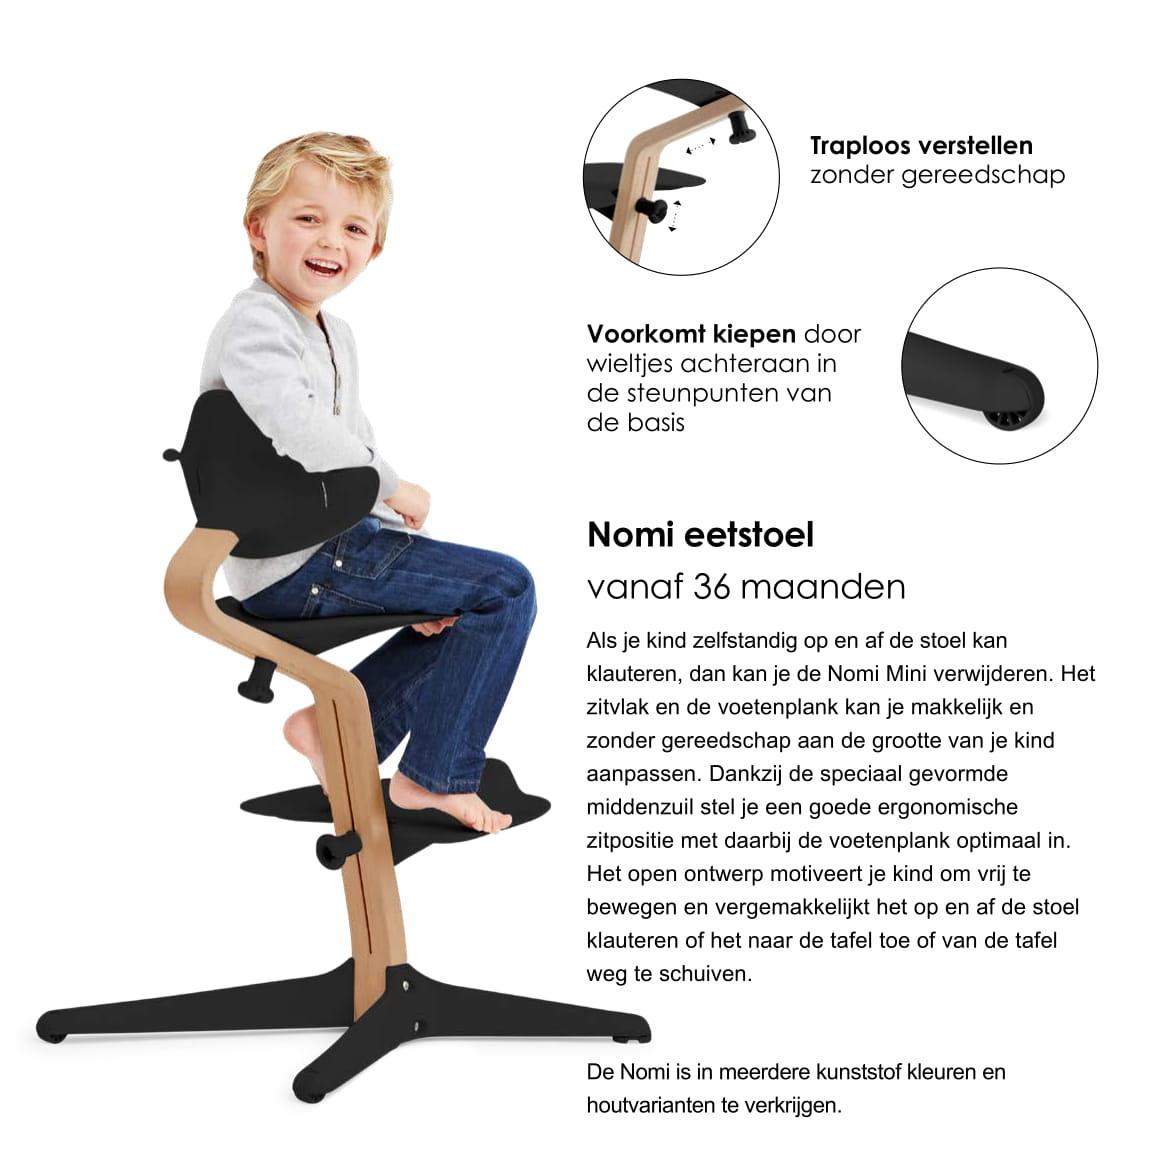 Nomi NOMI highchair: de meest complete meegroeistoel met Basis met stoel, Zitkussen, Beugel, Tray, Wipper incl. matrasje, Harnas en Speelboog - Basis eiken wit oiled, stoel Navy